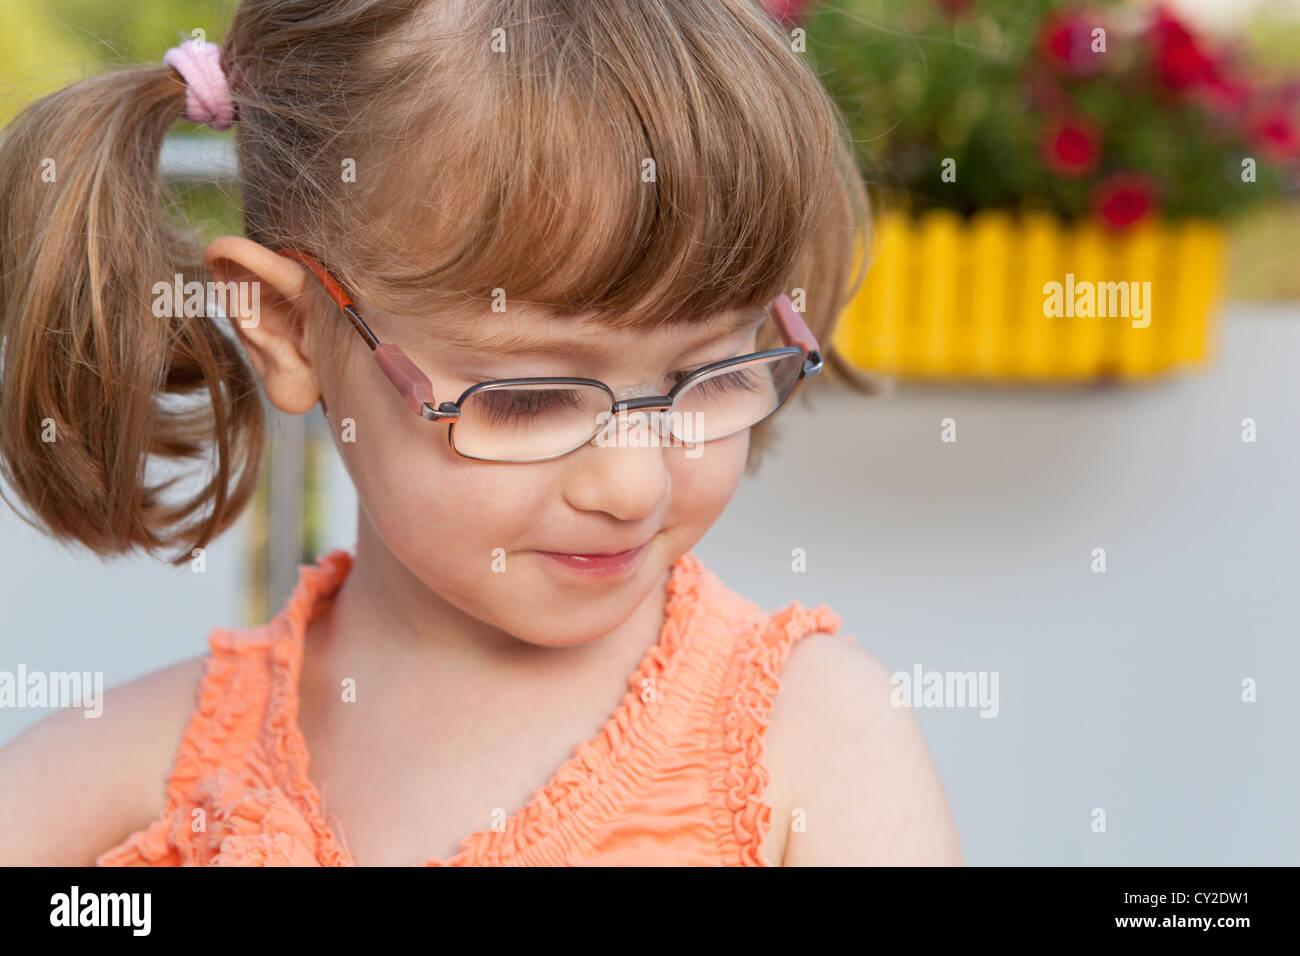 Kleines Mädchen schaut schüchtern Stockbild